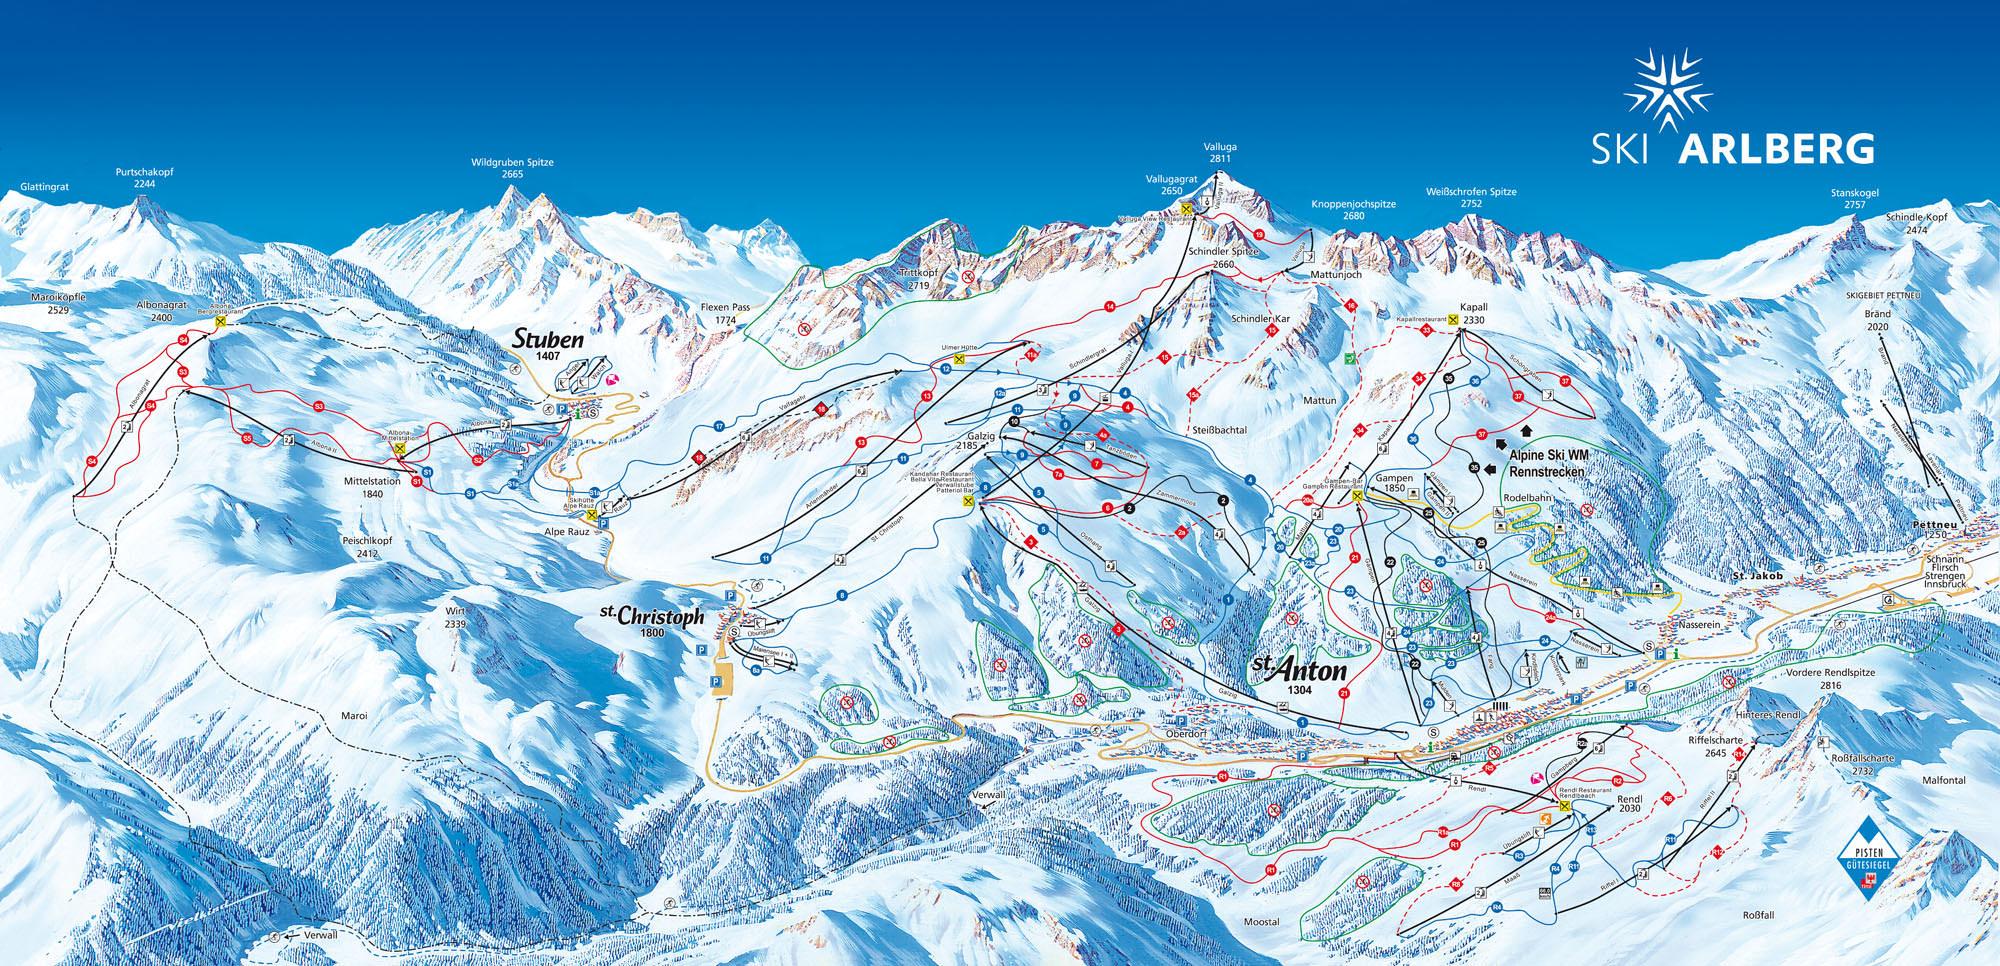 Pistenplan - St Anton am Arlberg - St Christoph - Stuben